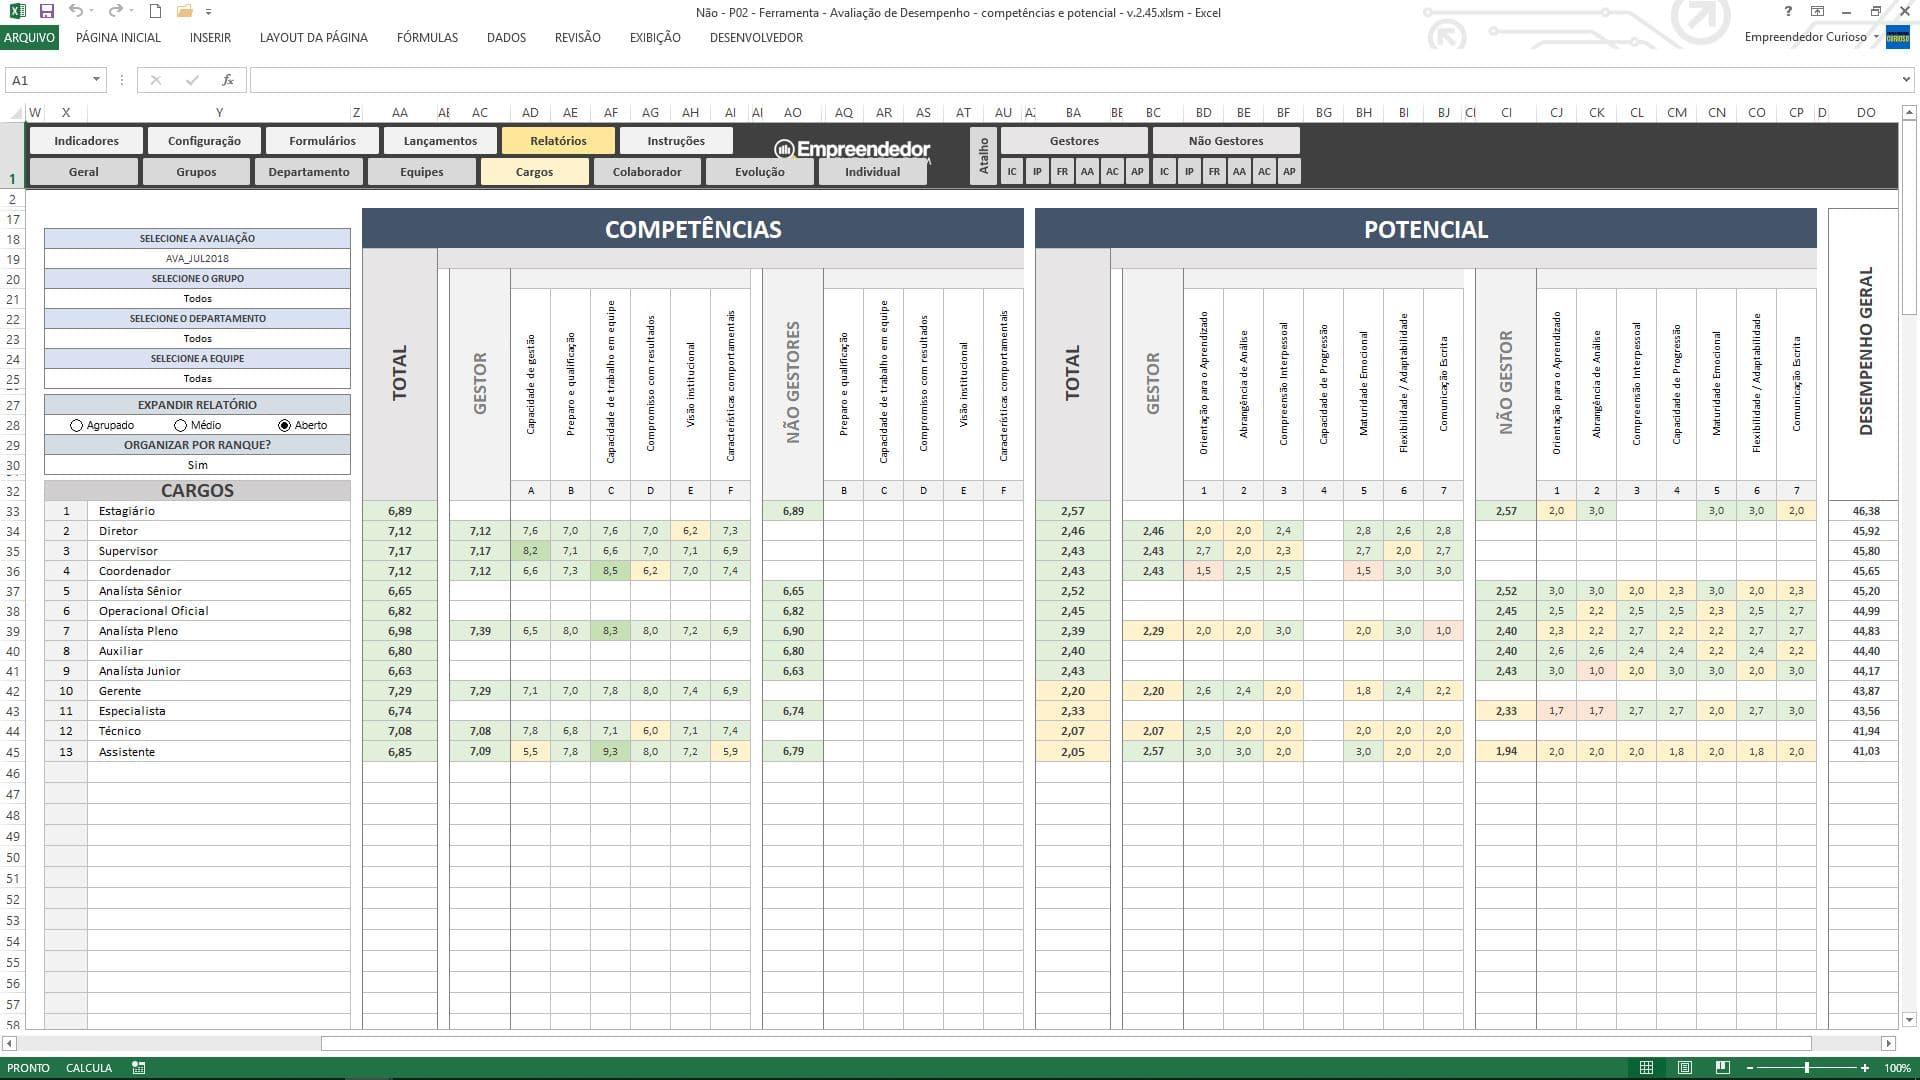 Planilha de avaliação de desempenho de funcionário - Relatórios da Estrutura de Cargos